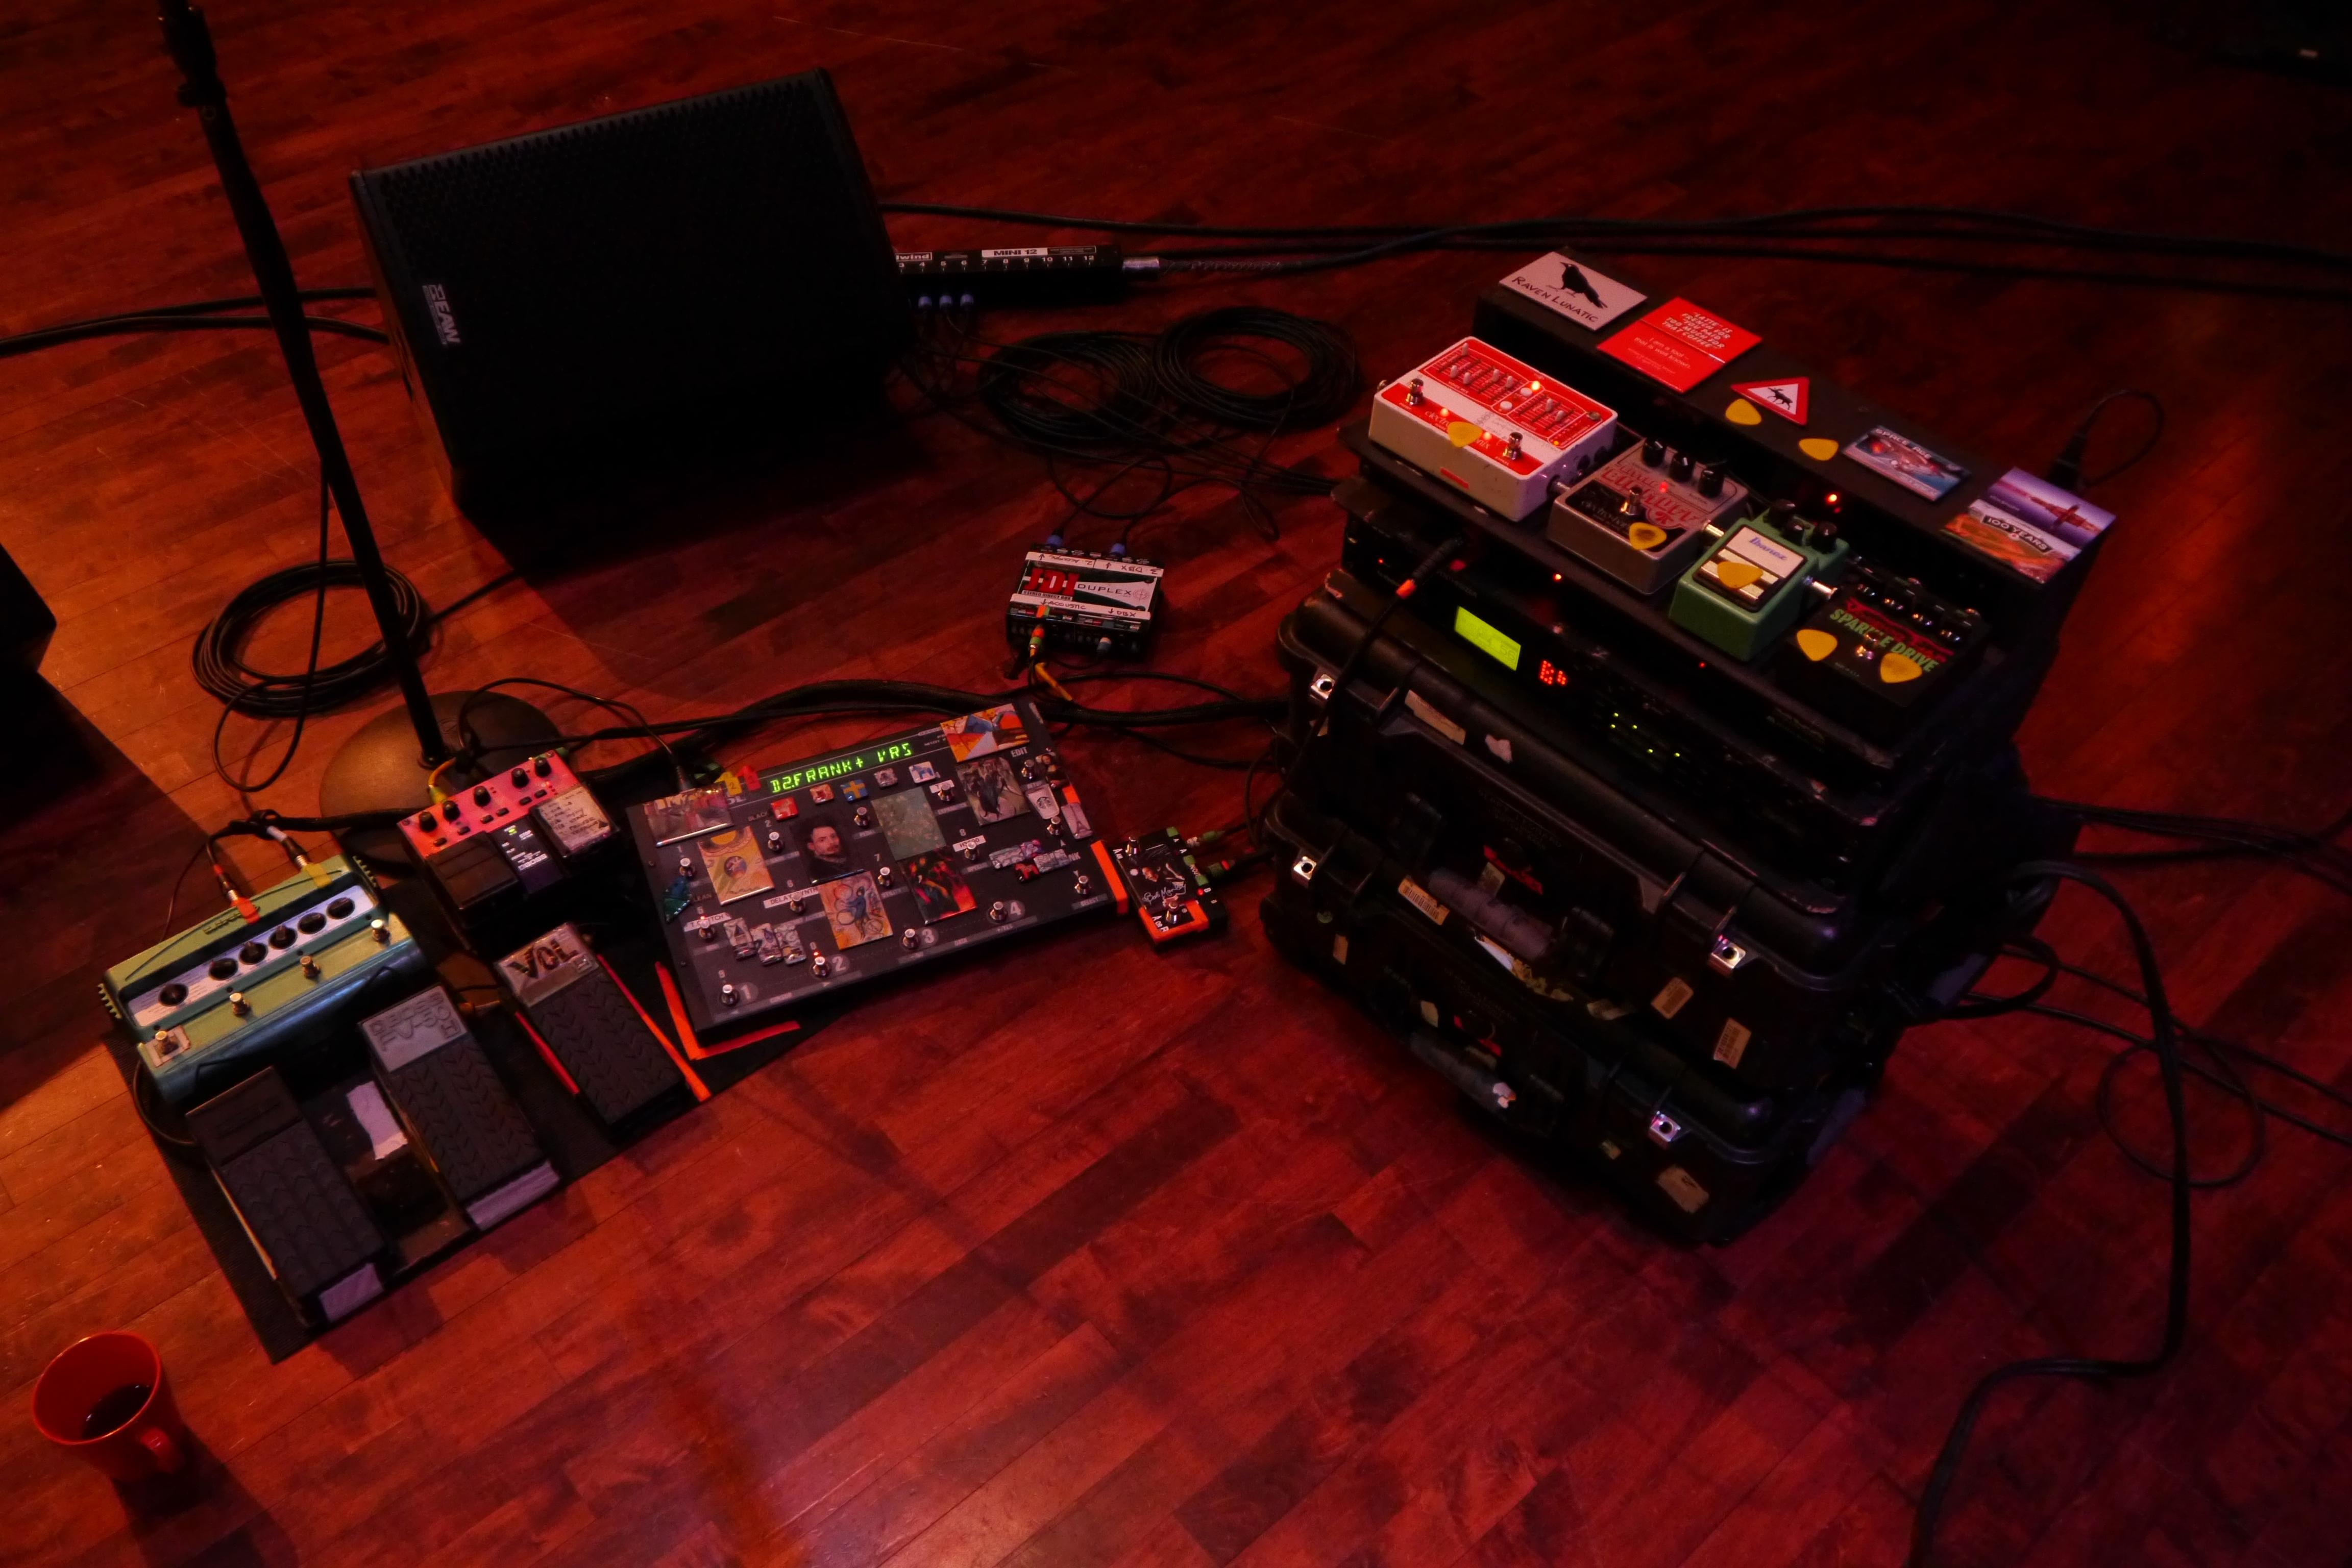 Guitar rig full